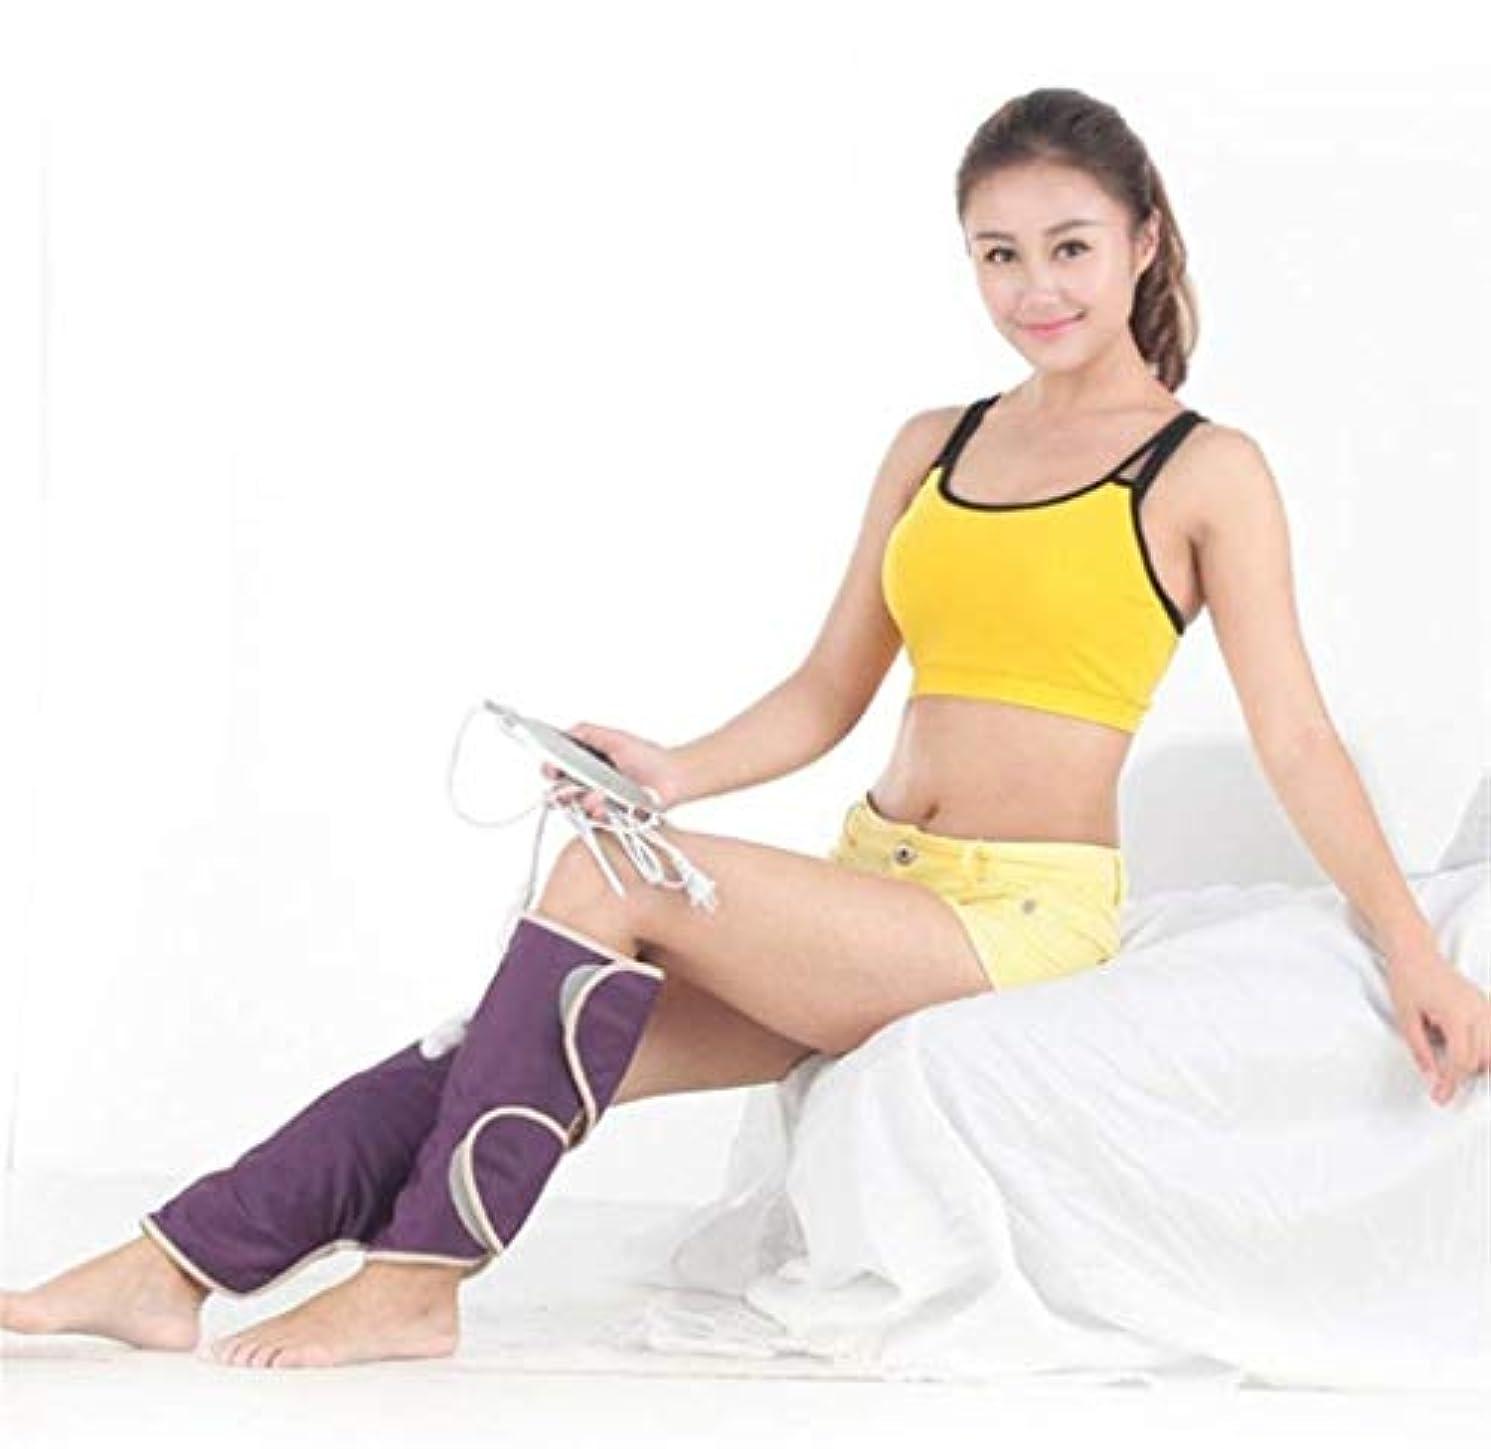 手流産火薬電気マッサージ器、遠赤外線電気膝パッド、3つの振動モード、理学療法装置、血液循環の促進、筋肉の弛緩